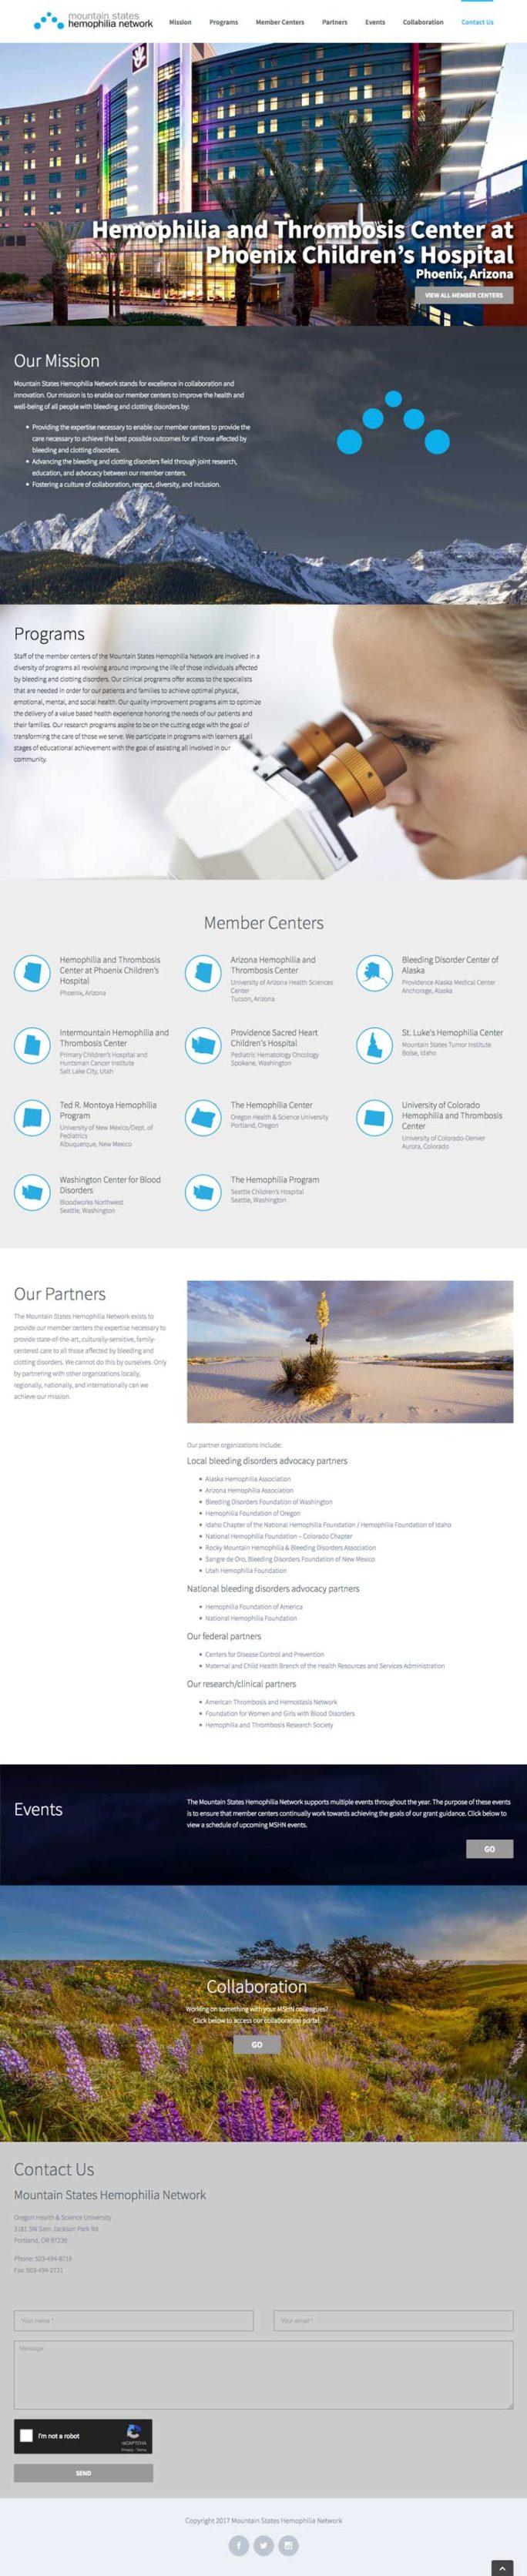 Mshn Website Design Notebook